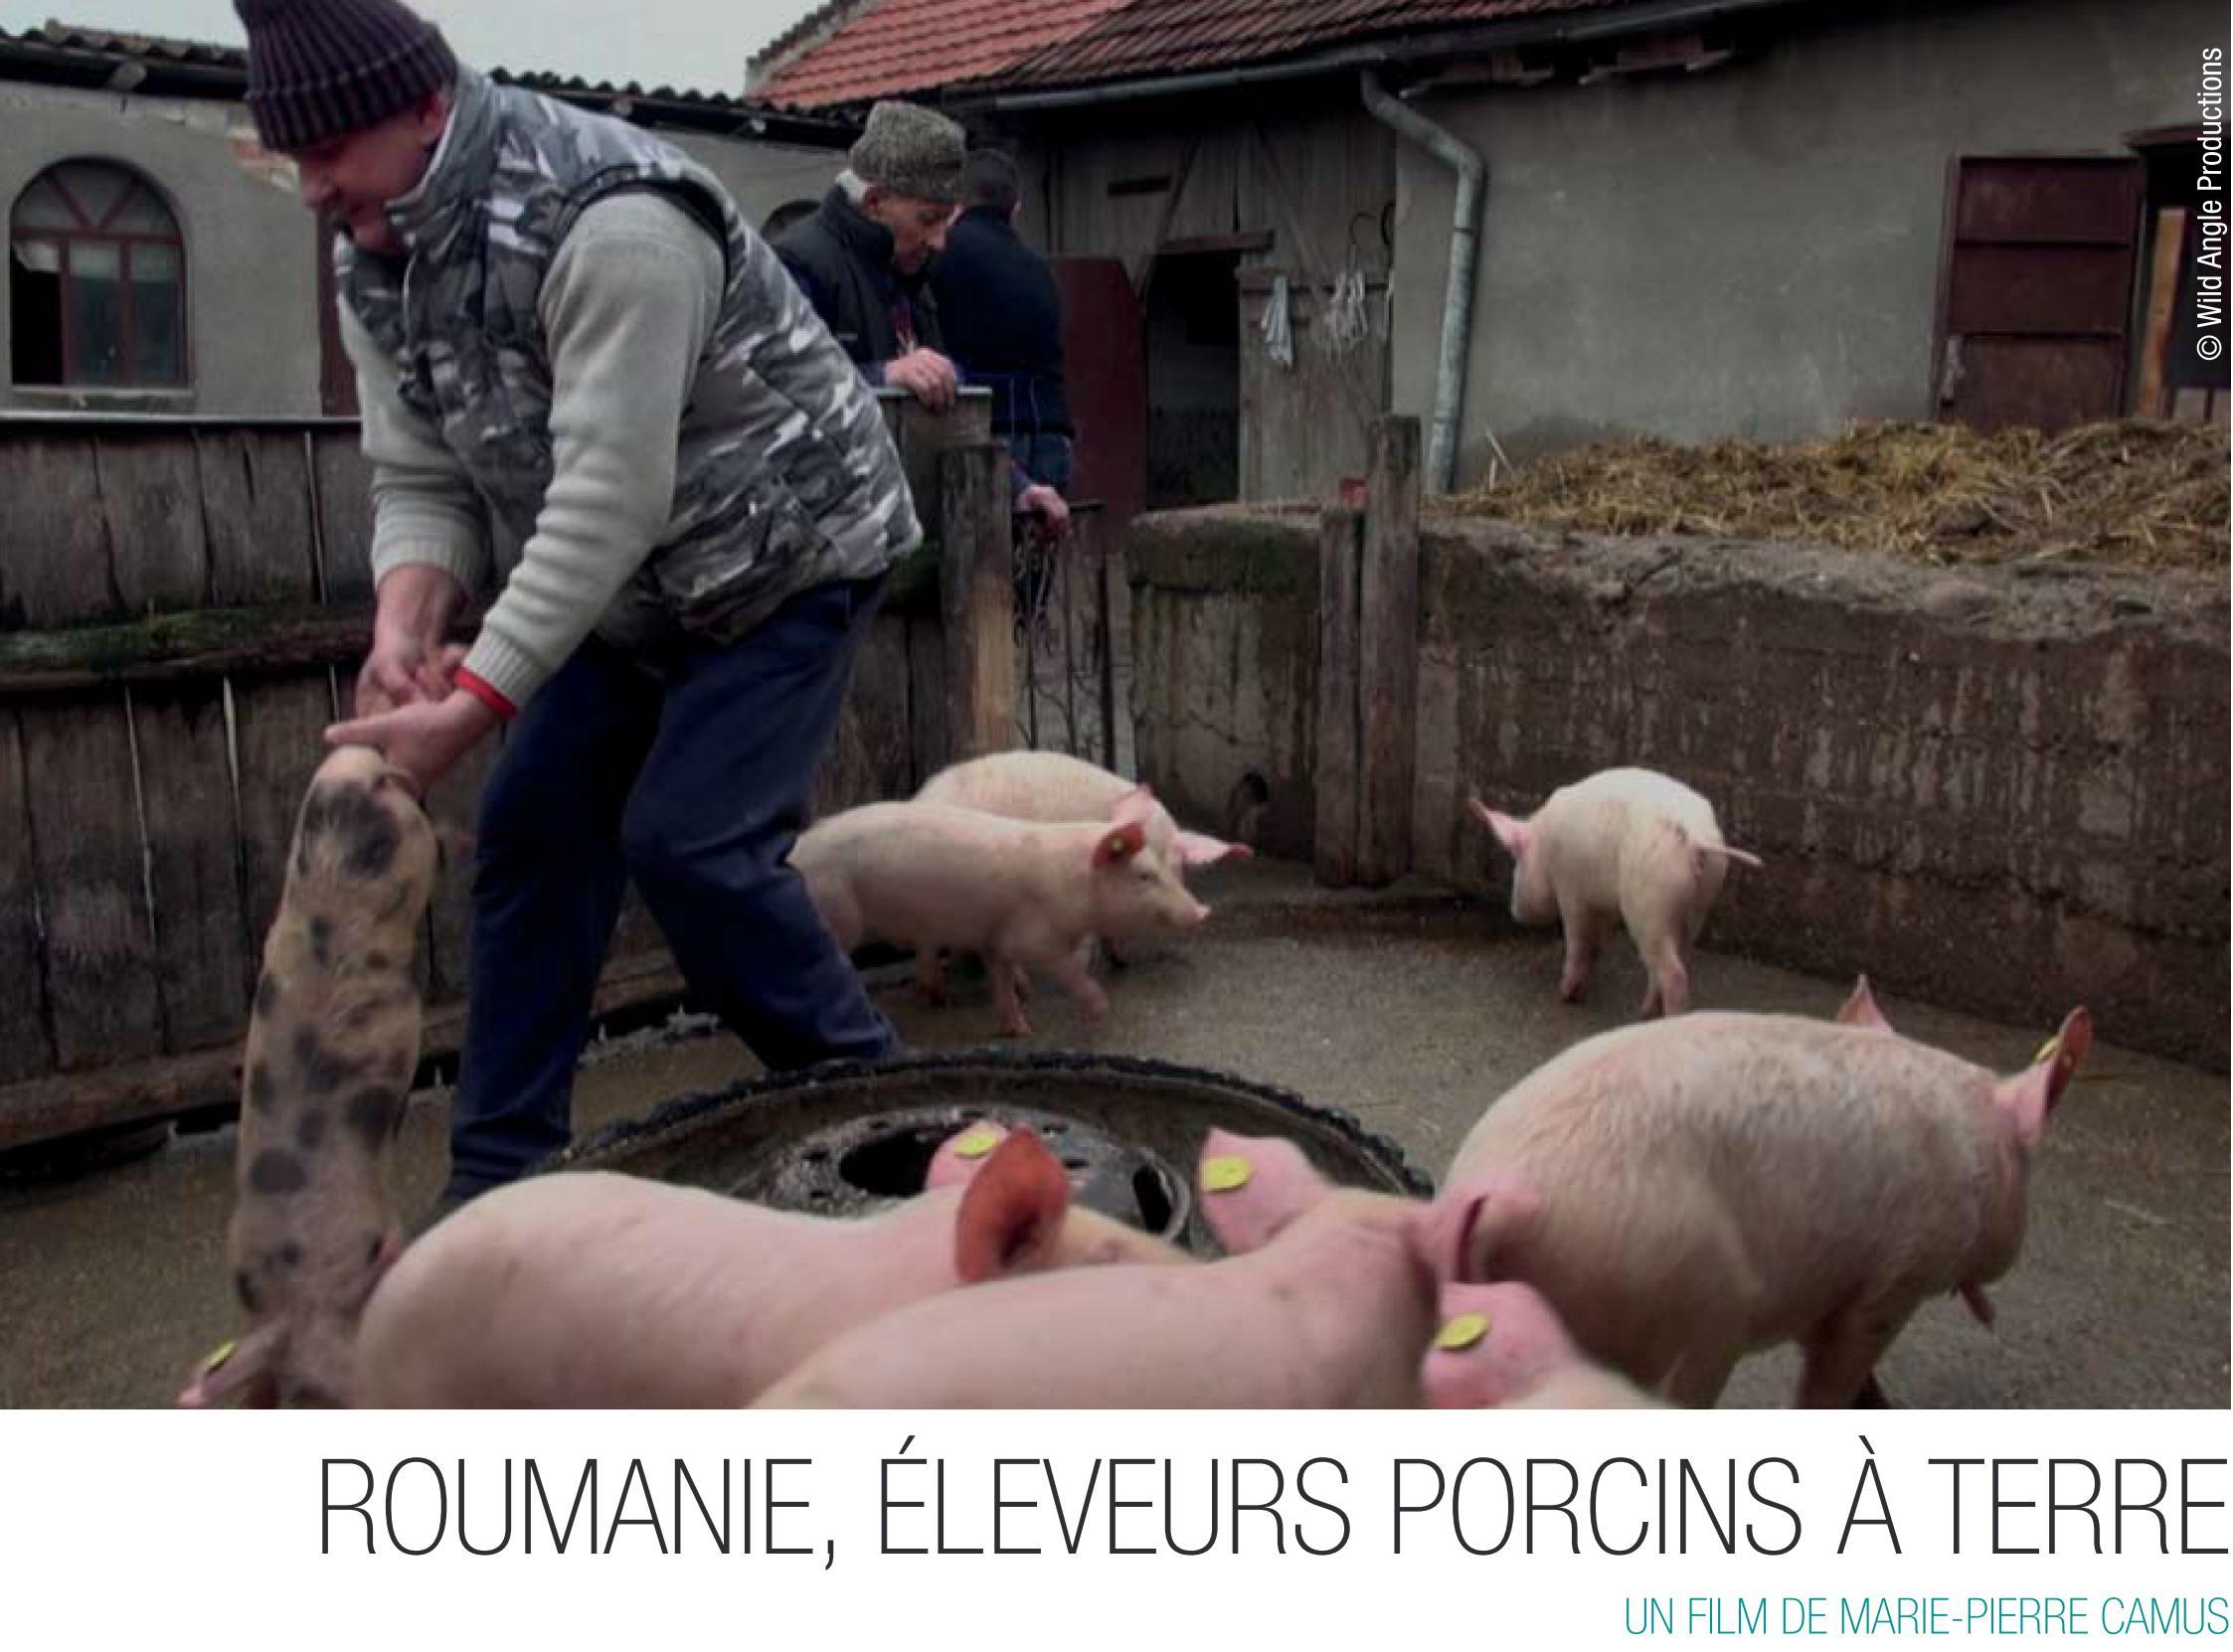 Roumanie, éleveurs porcins à terre Film projeté le 26 novembre au centre Ethic étapes le Cart, dans le cadre du festival AlimenTerre